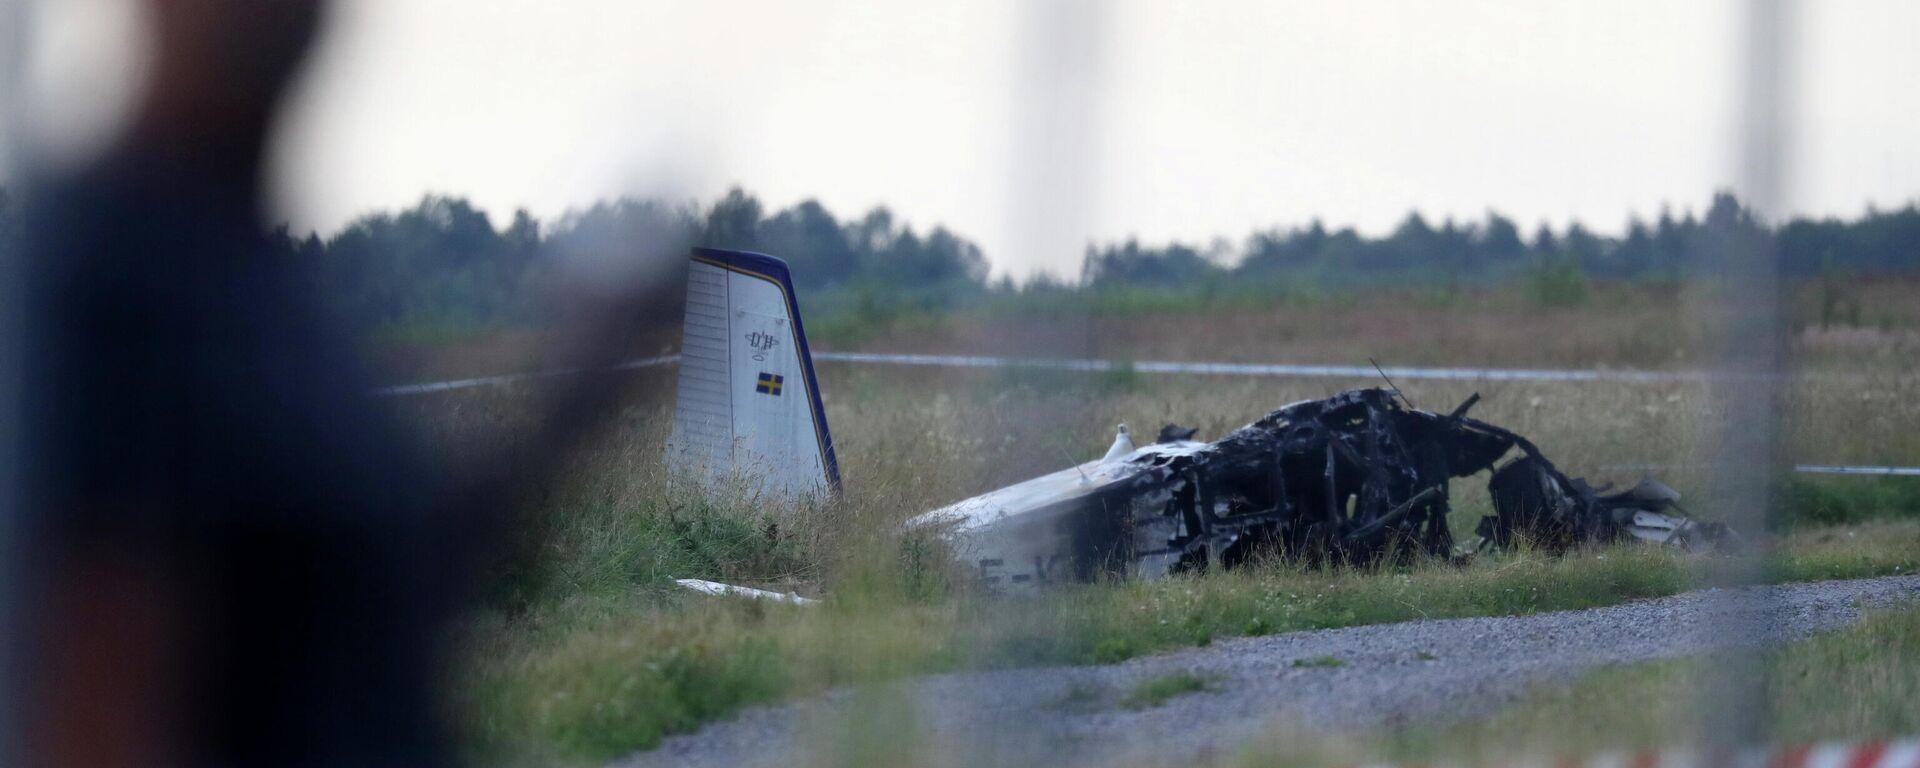 Flugzeugabsturz in Schweden - SNA, 1920, 09.07.2021